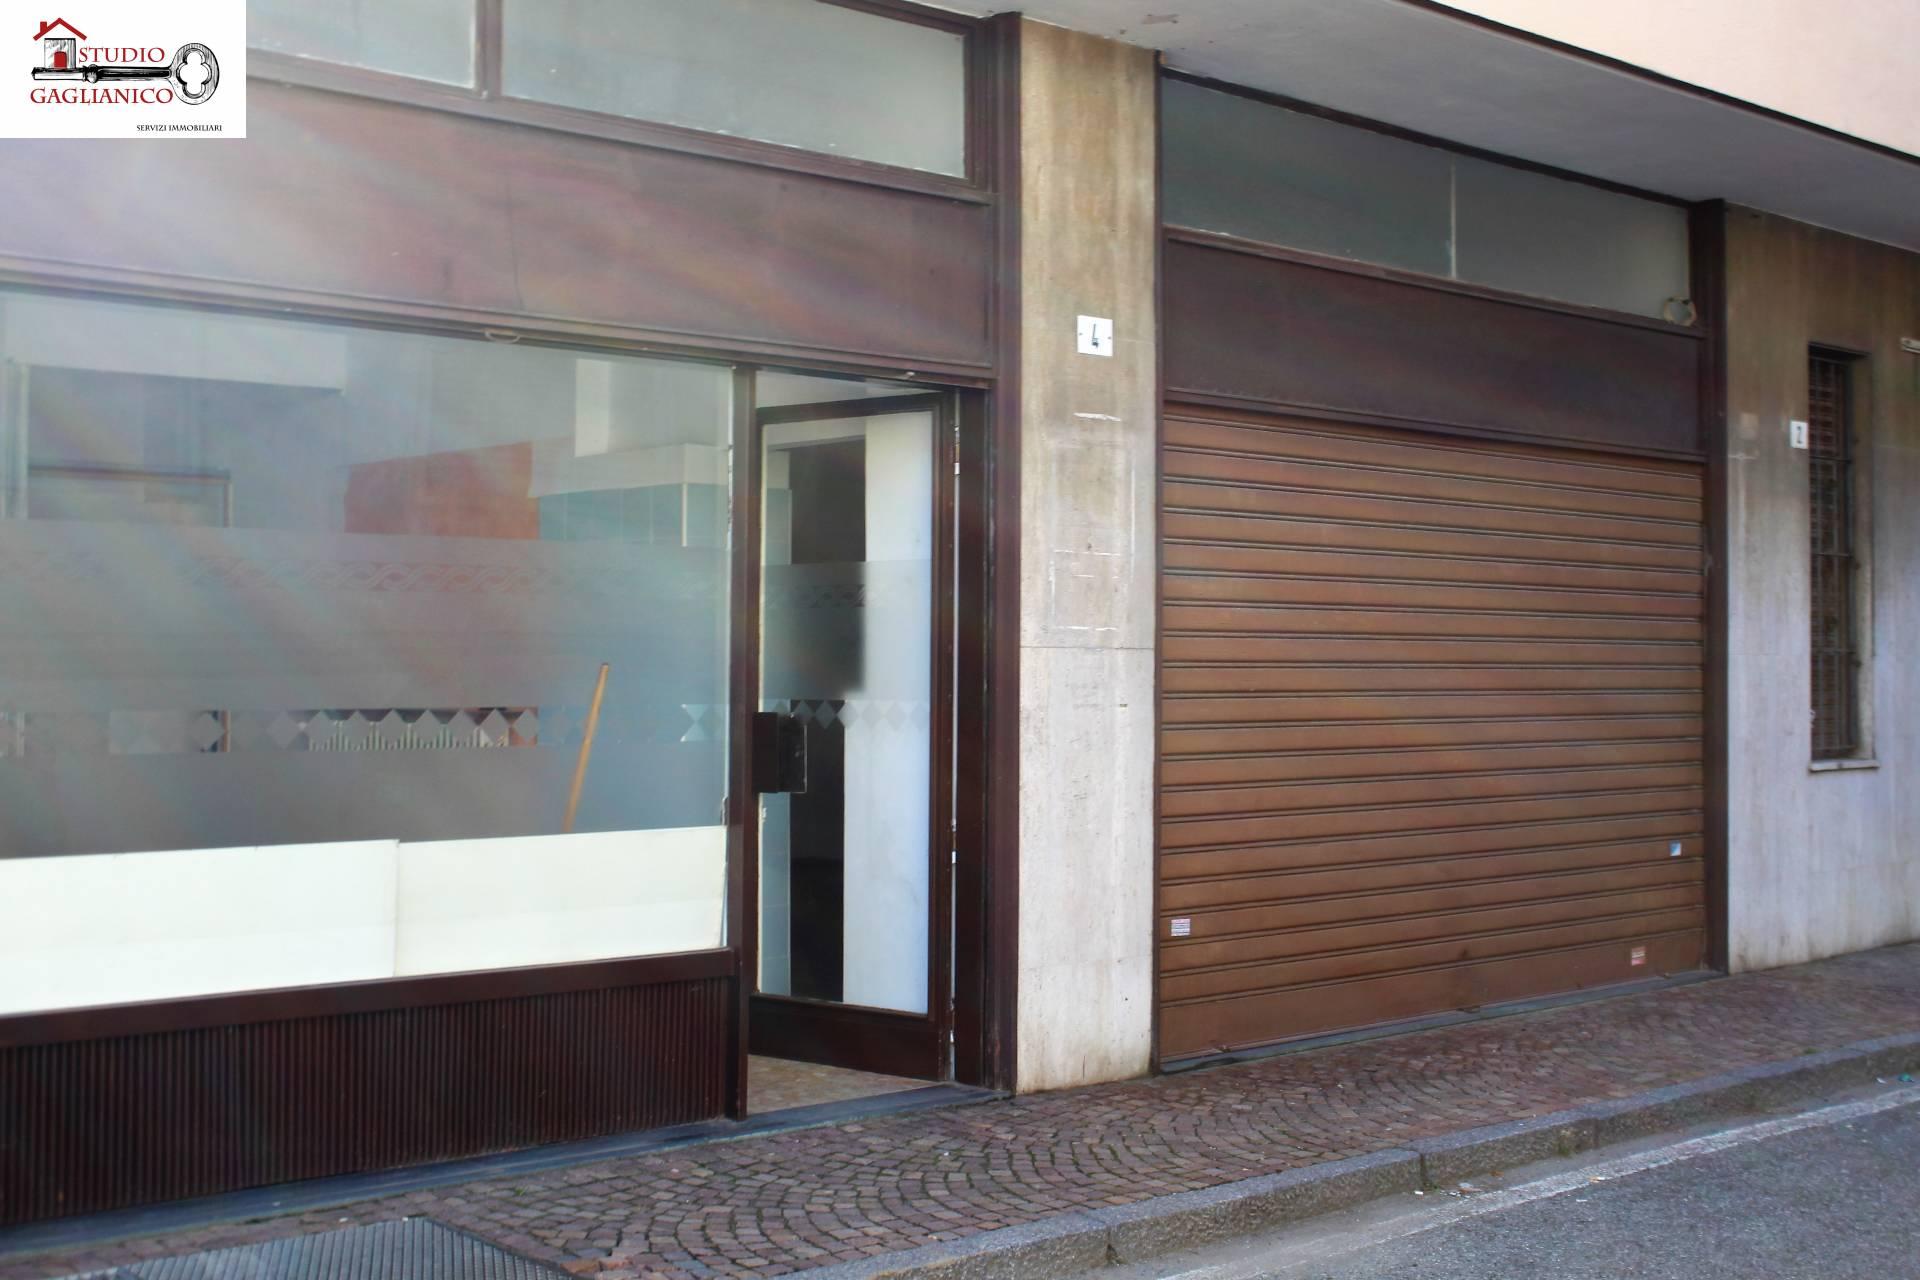 Fondo commerciale in vendita a Gaglianico (BI)